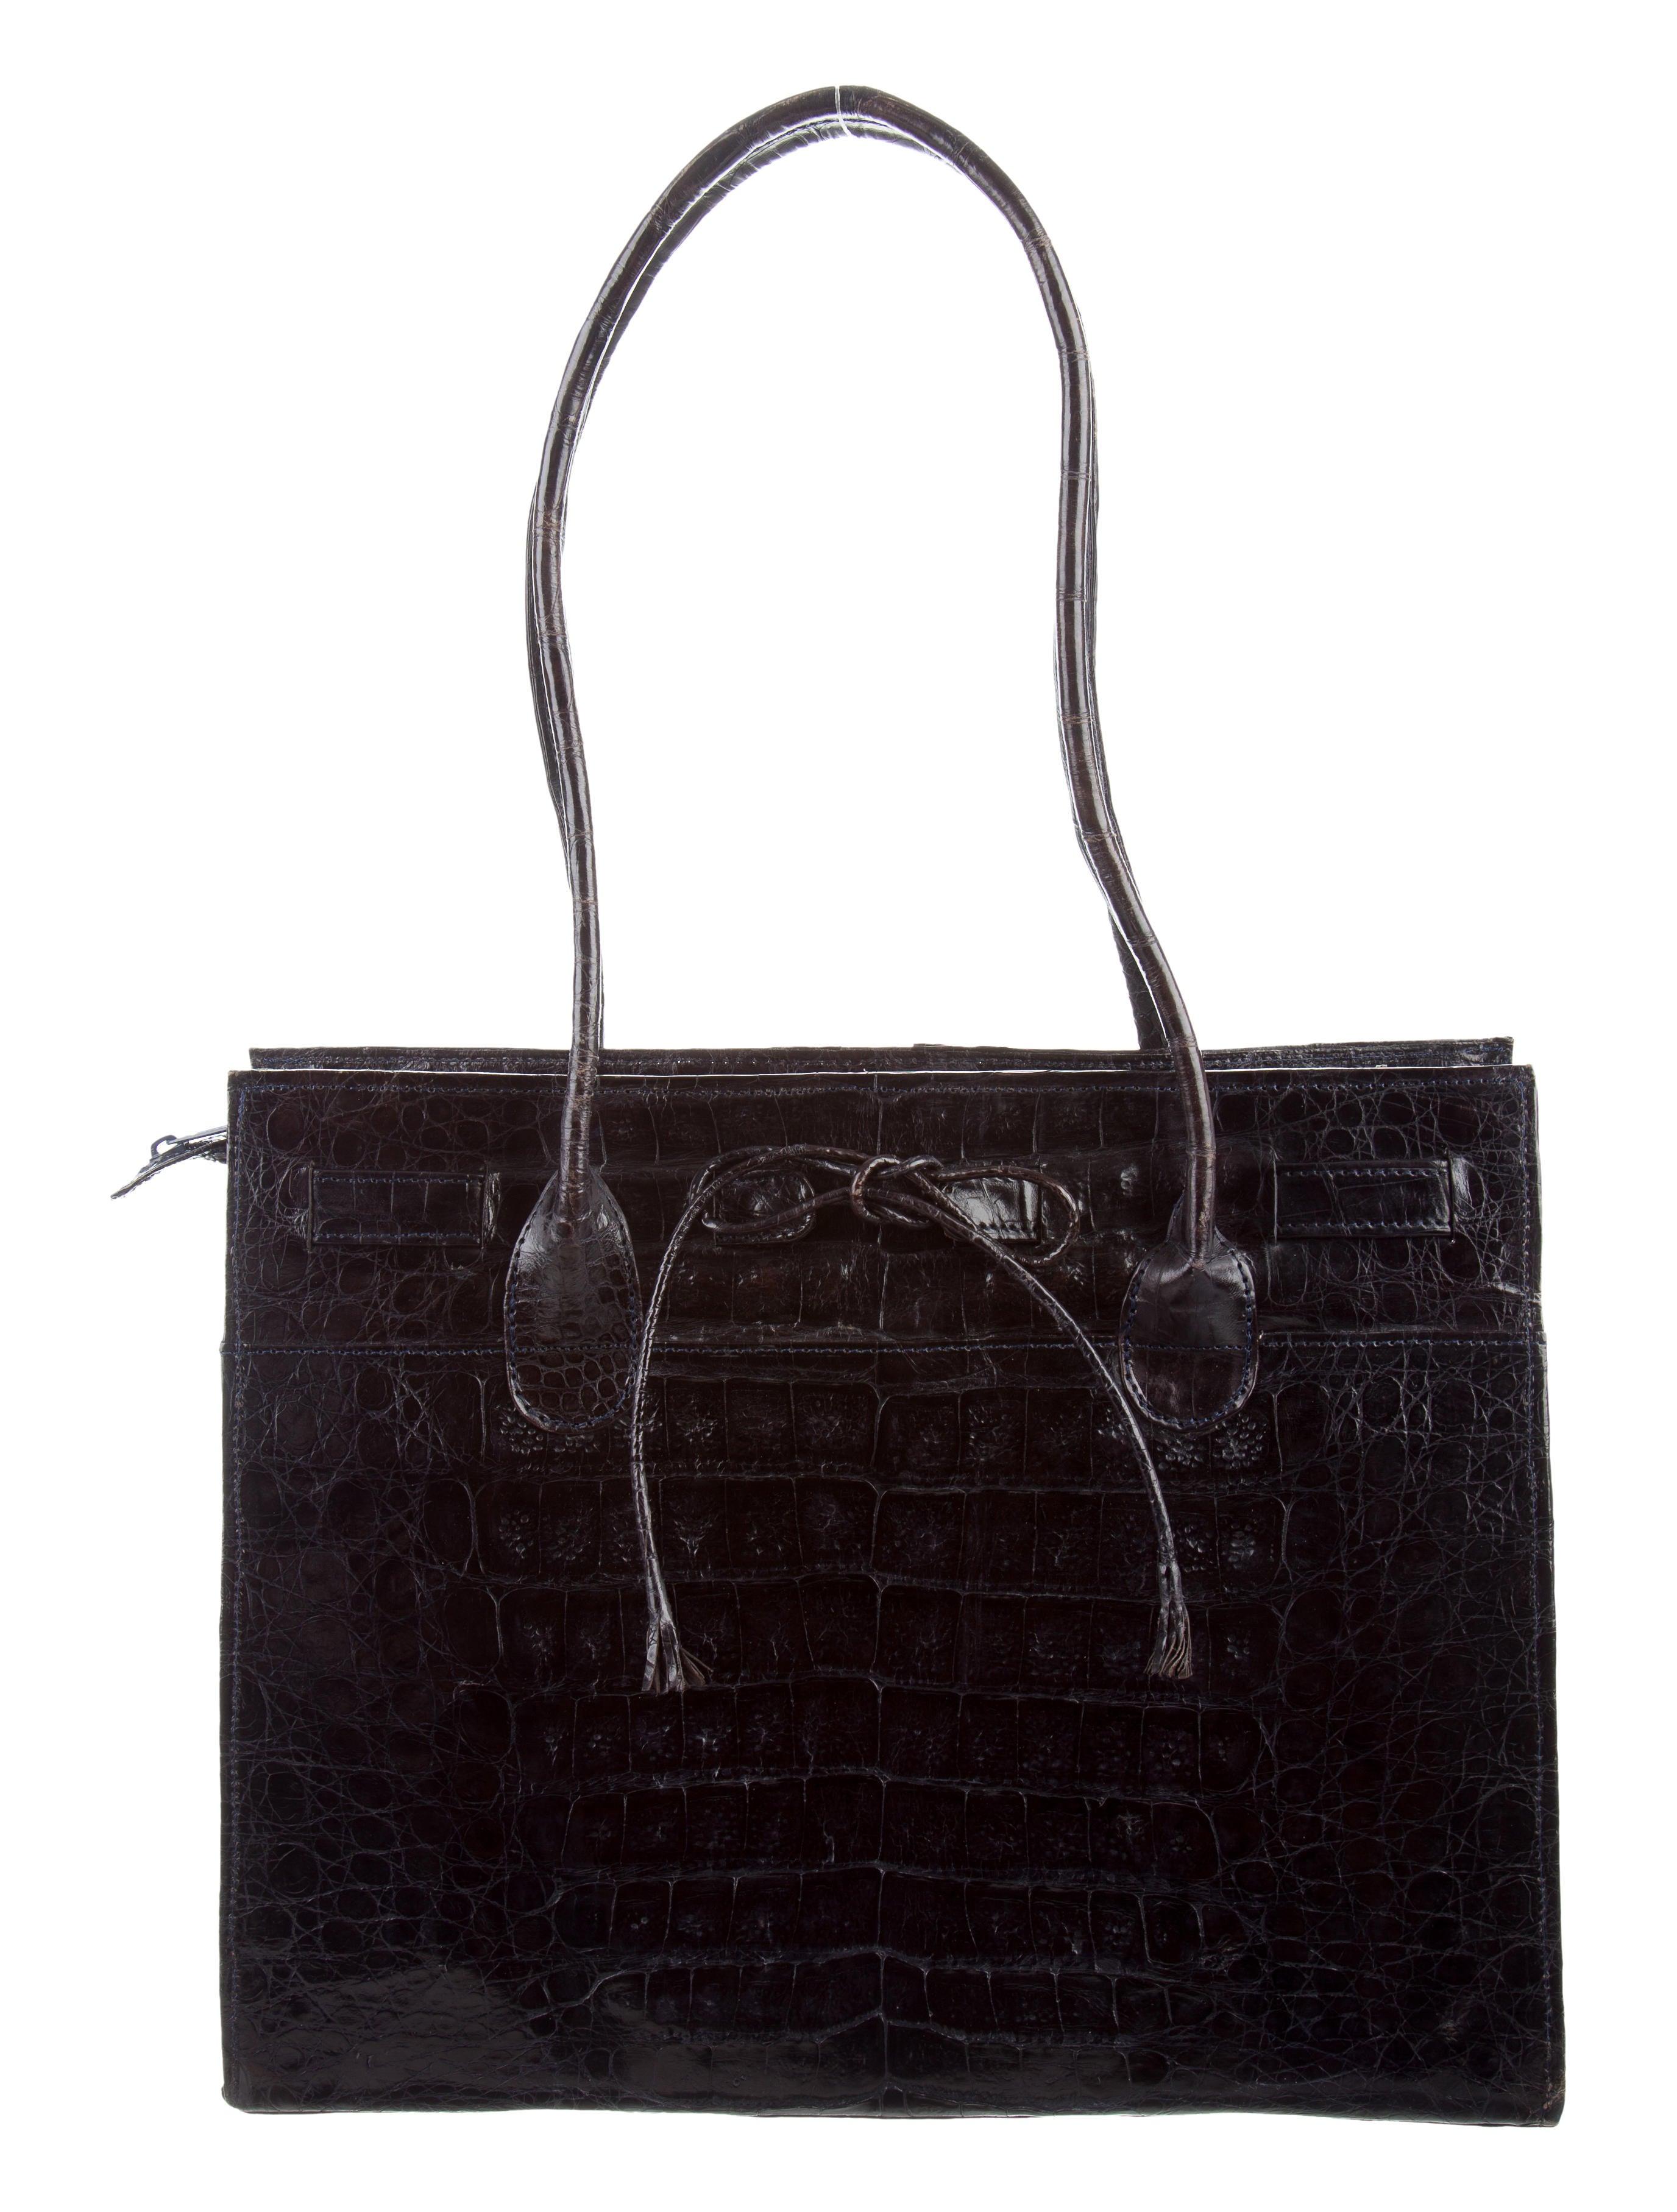 Nancy gonzalez crocodile tote handbags nan24335 the for Nancy gonzalez crocodile tote